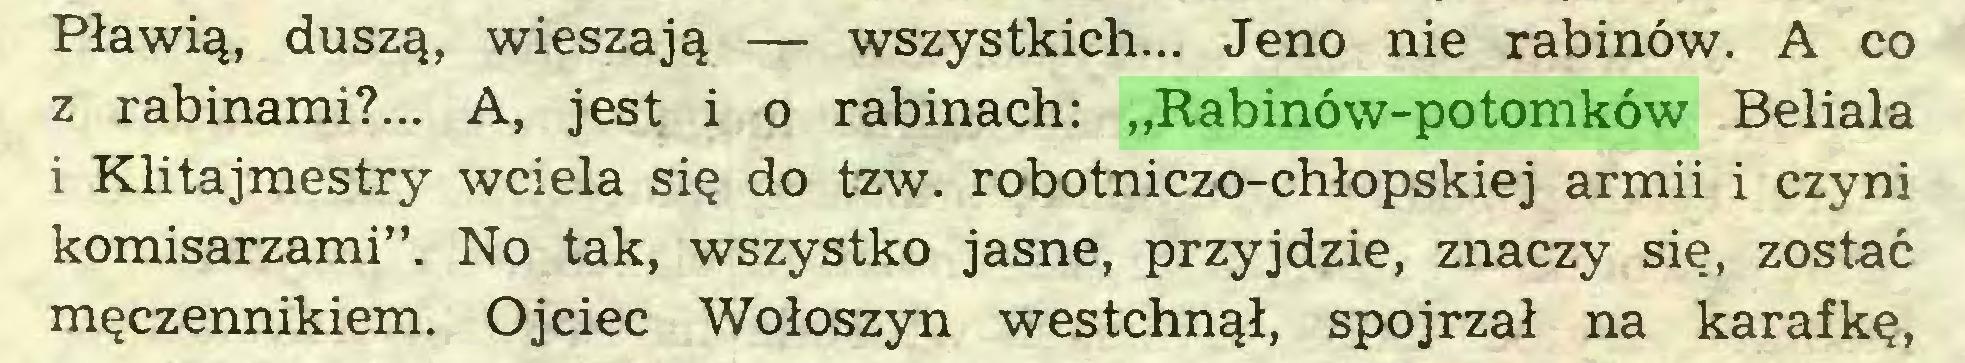 """(...) Pławią, duszą, wieszają — wszystkich... Jeno nie rabinów. A co z rabinami?... A, jest i o rabinach: """"Rabinów-potomków Beliala i Klitajmestry wciela się do tzw. robotniczo-chłopskiej armii i czyni komisarzami"""". No tak, wszystko jasne, przyjdzie, znaczy się, zostać męczennikiem. Ojciec Wołoszyn westchnął, spojrzał na karafkę,..."""